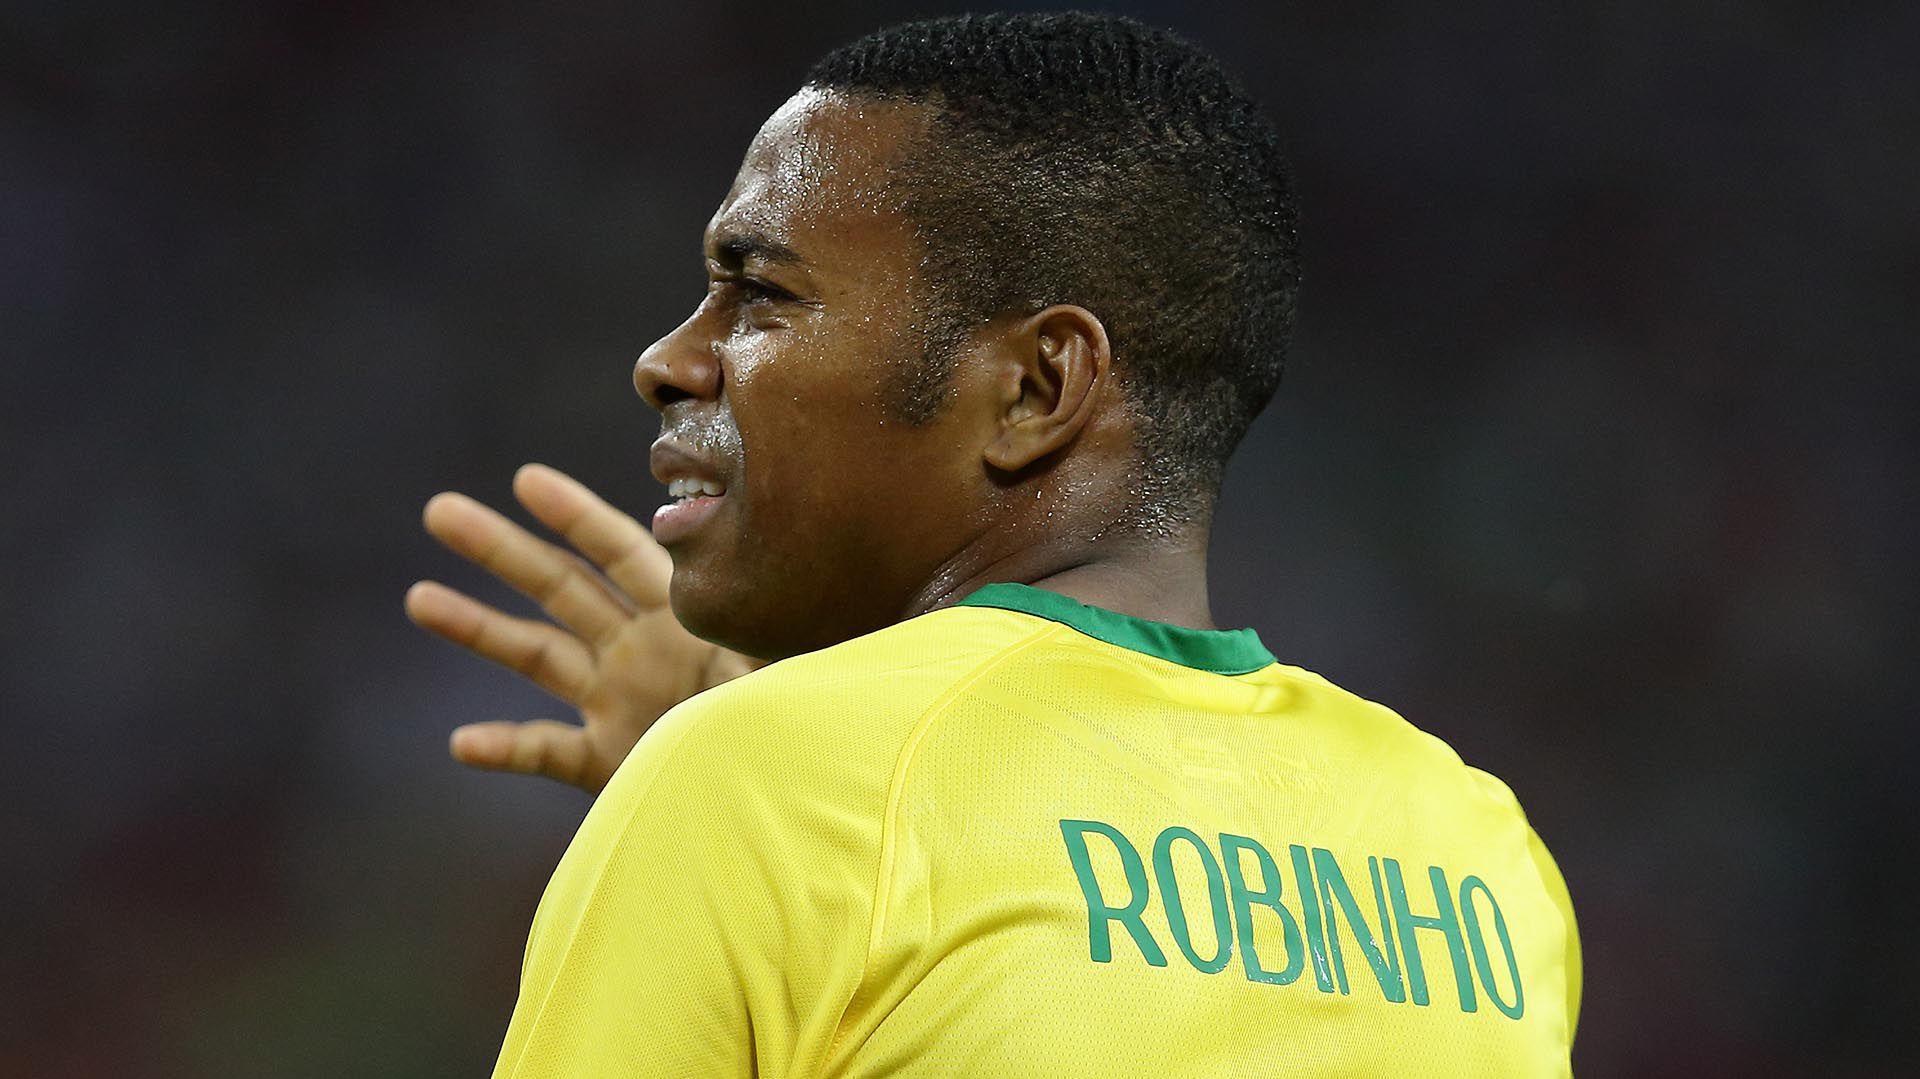 La fama que alcanzó en la Copa América fue decisiva para su próxima etapa, pero luego todo terminó mal.